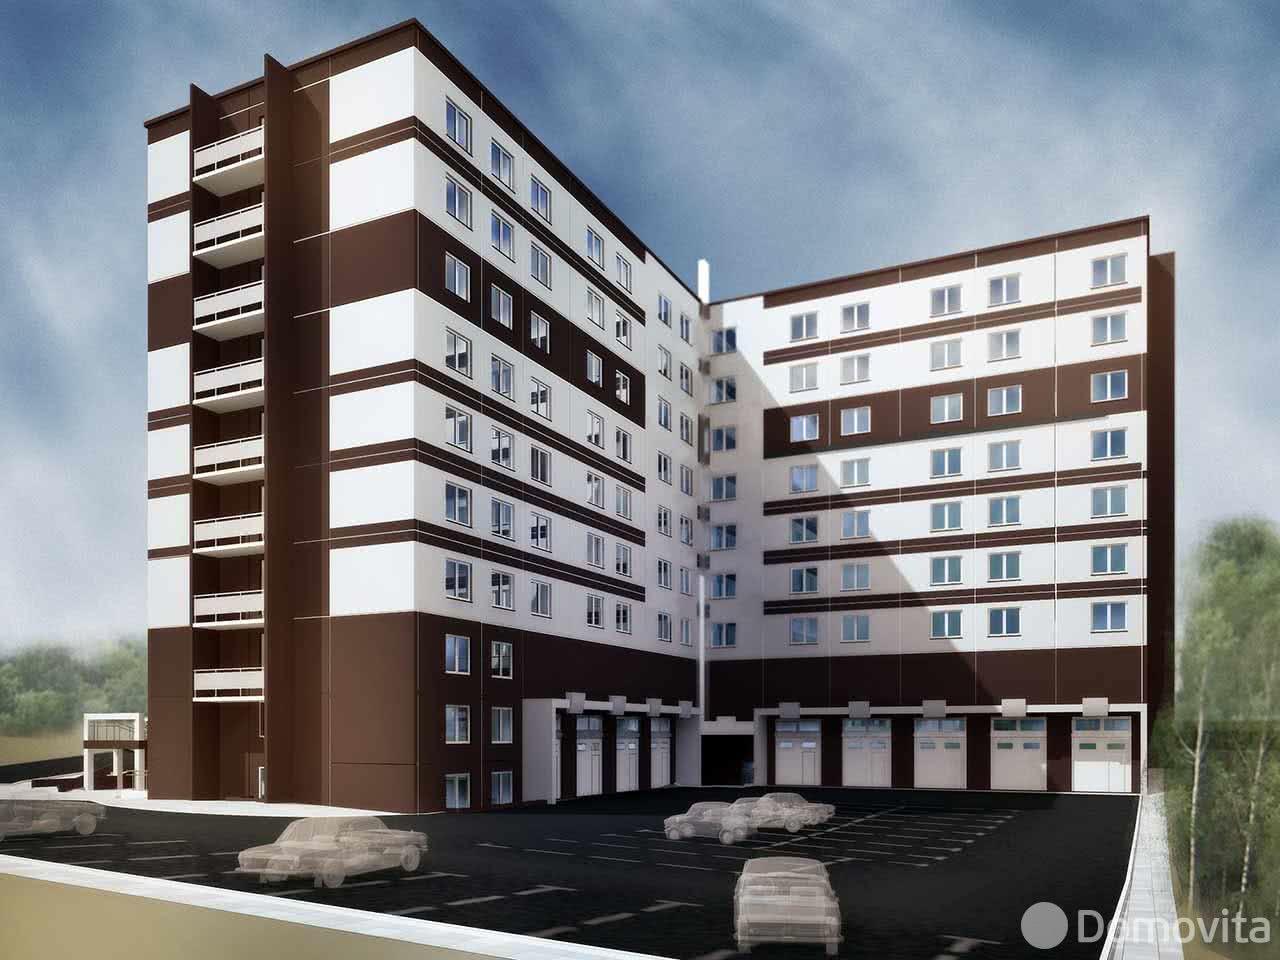 Бизнес-центр Каменногорский - фото 4